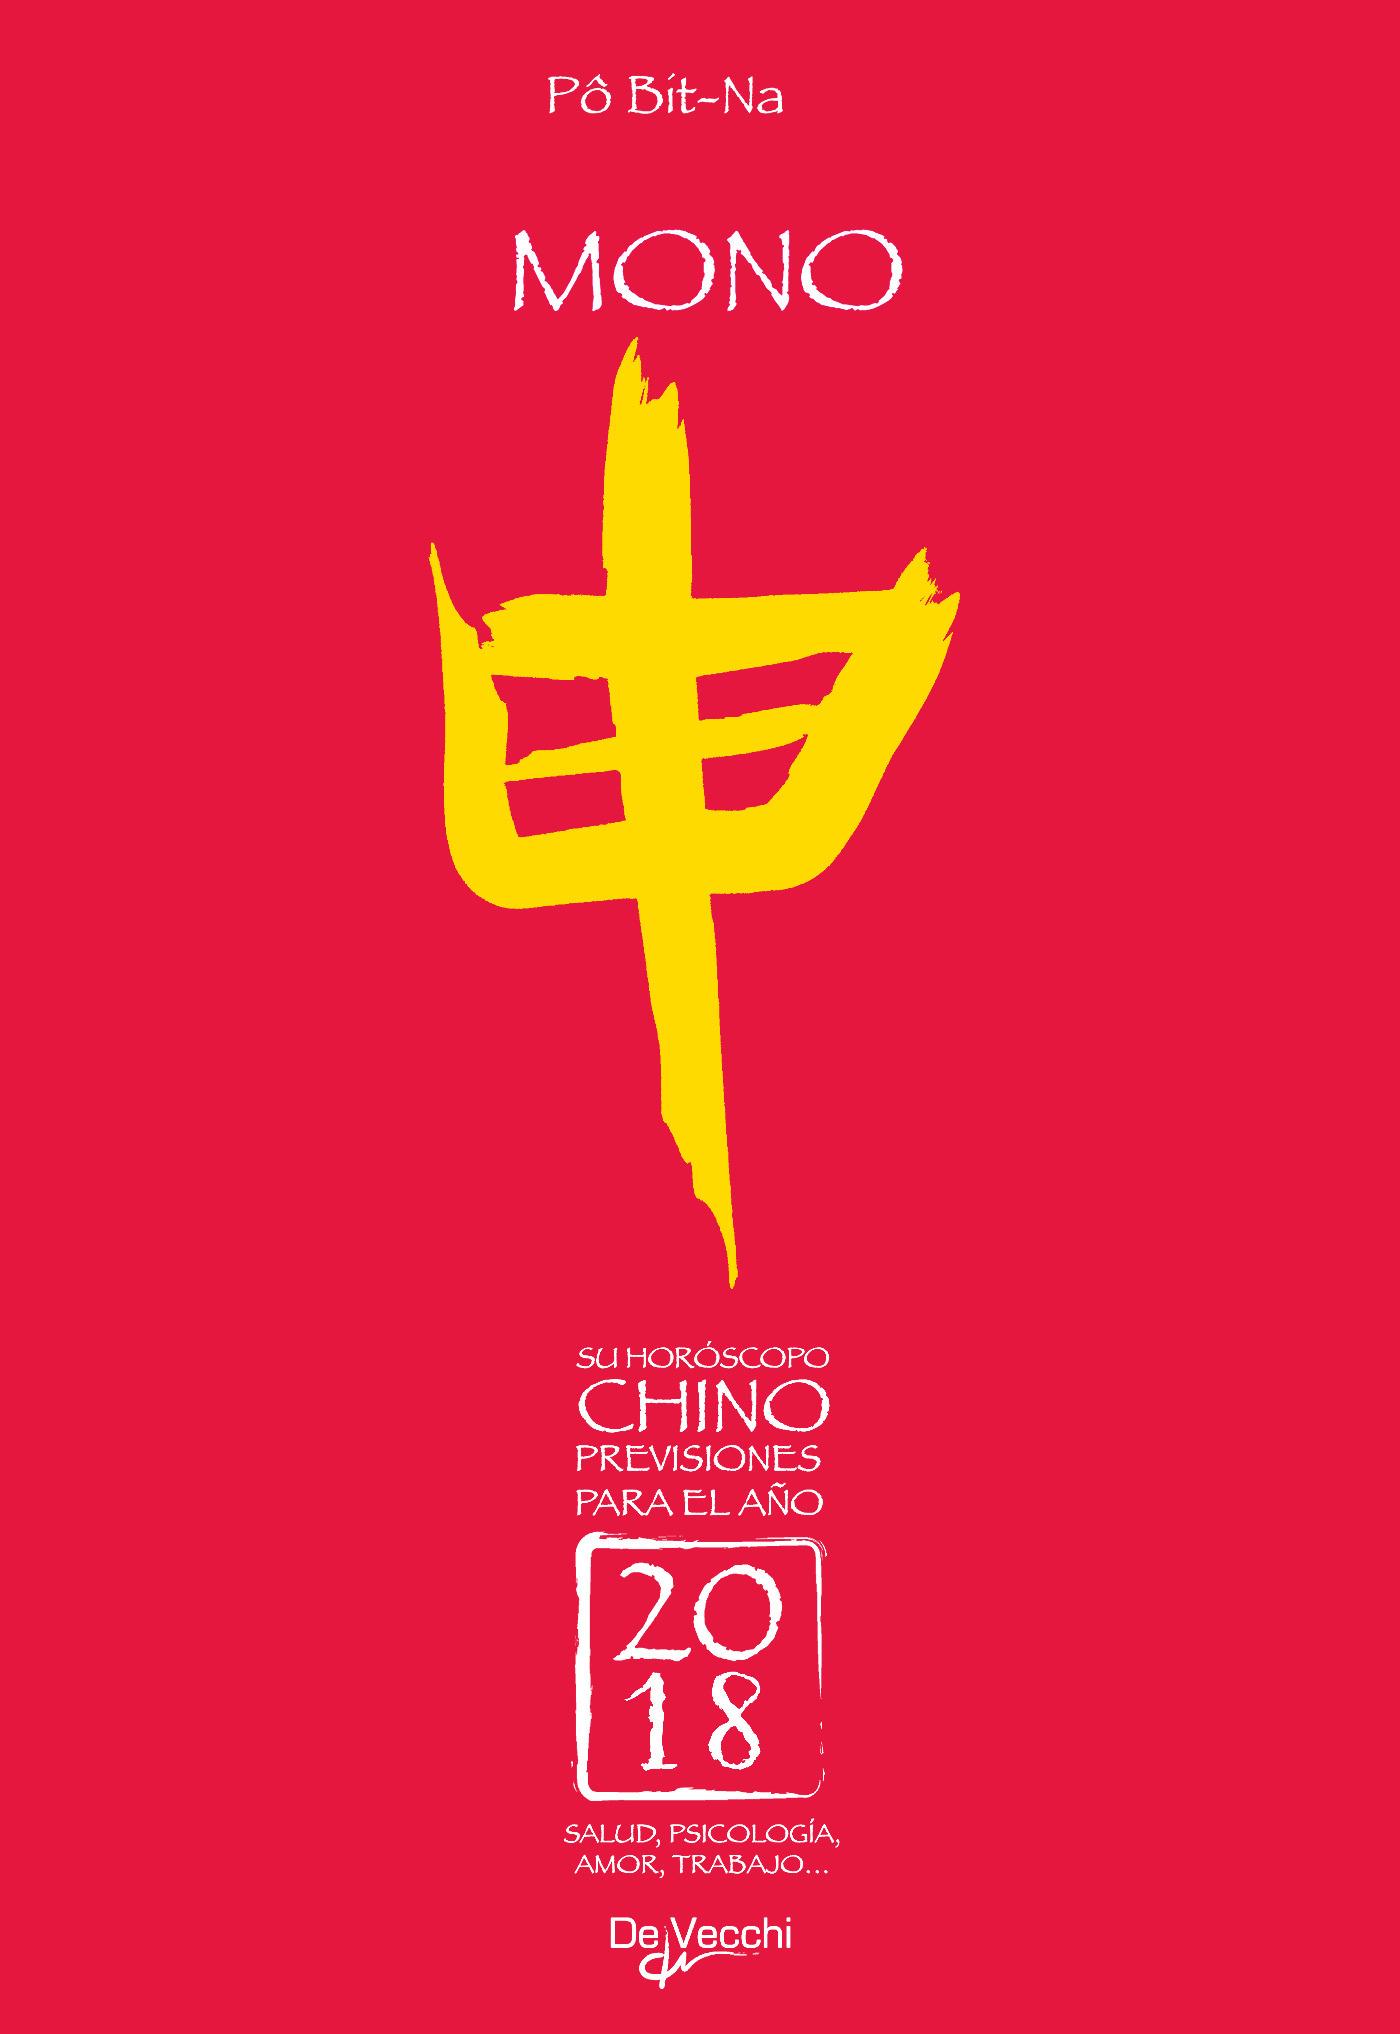 Bit-Na, Pô - Su horóscopo chino. Mono, e-kirja